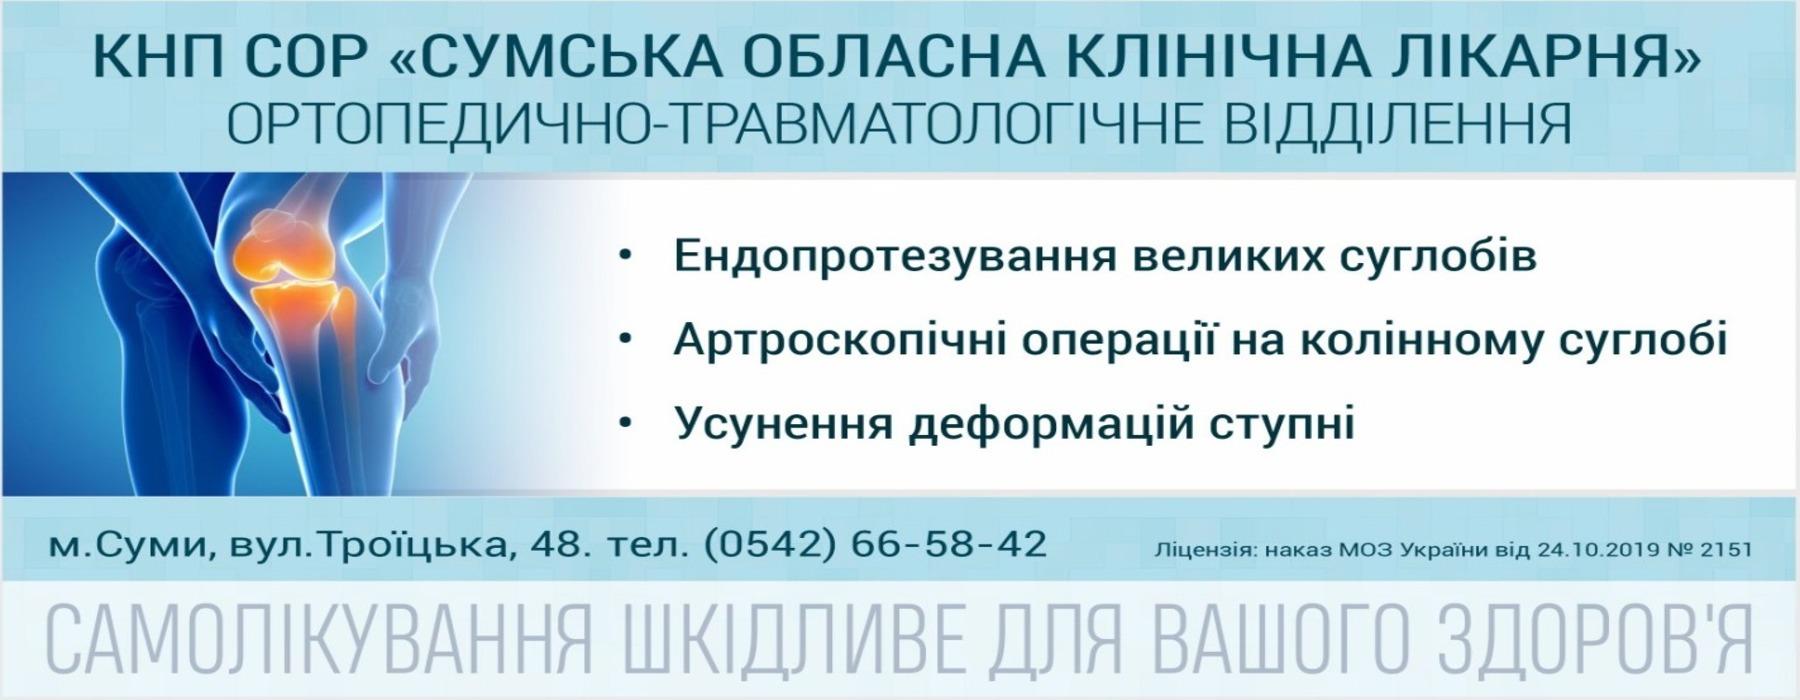 Ортопедично-травматологічне відділення